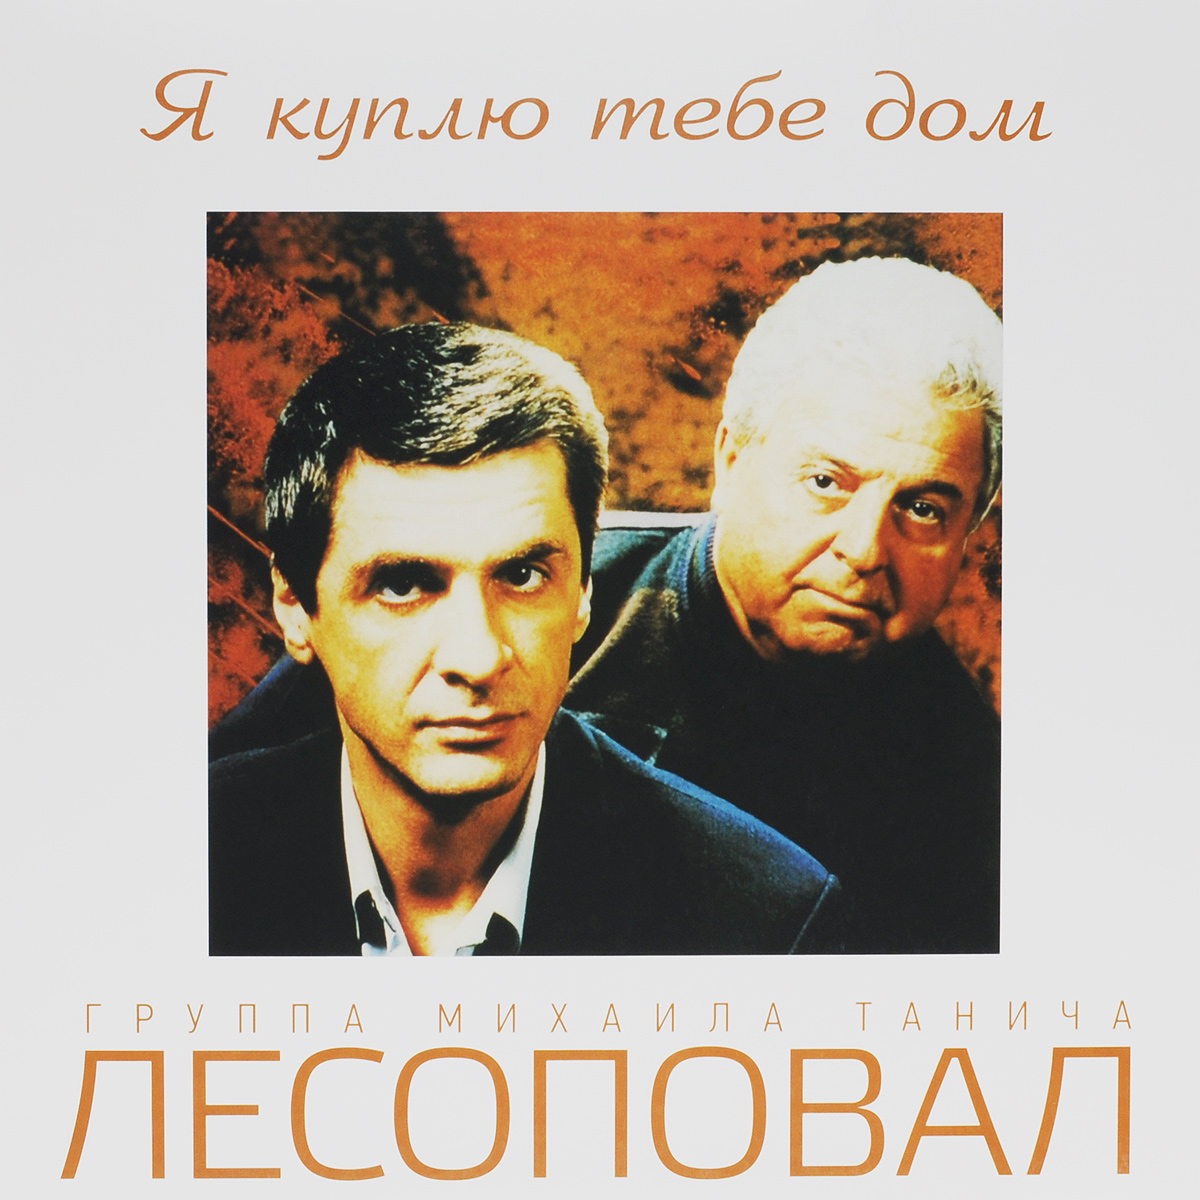 Лесоповал Группа Михаила Танича Лесоповал. Я куплю тебе дом (LP) куплю памперсы